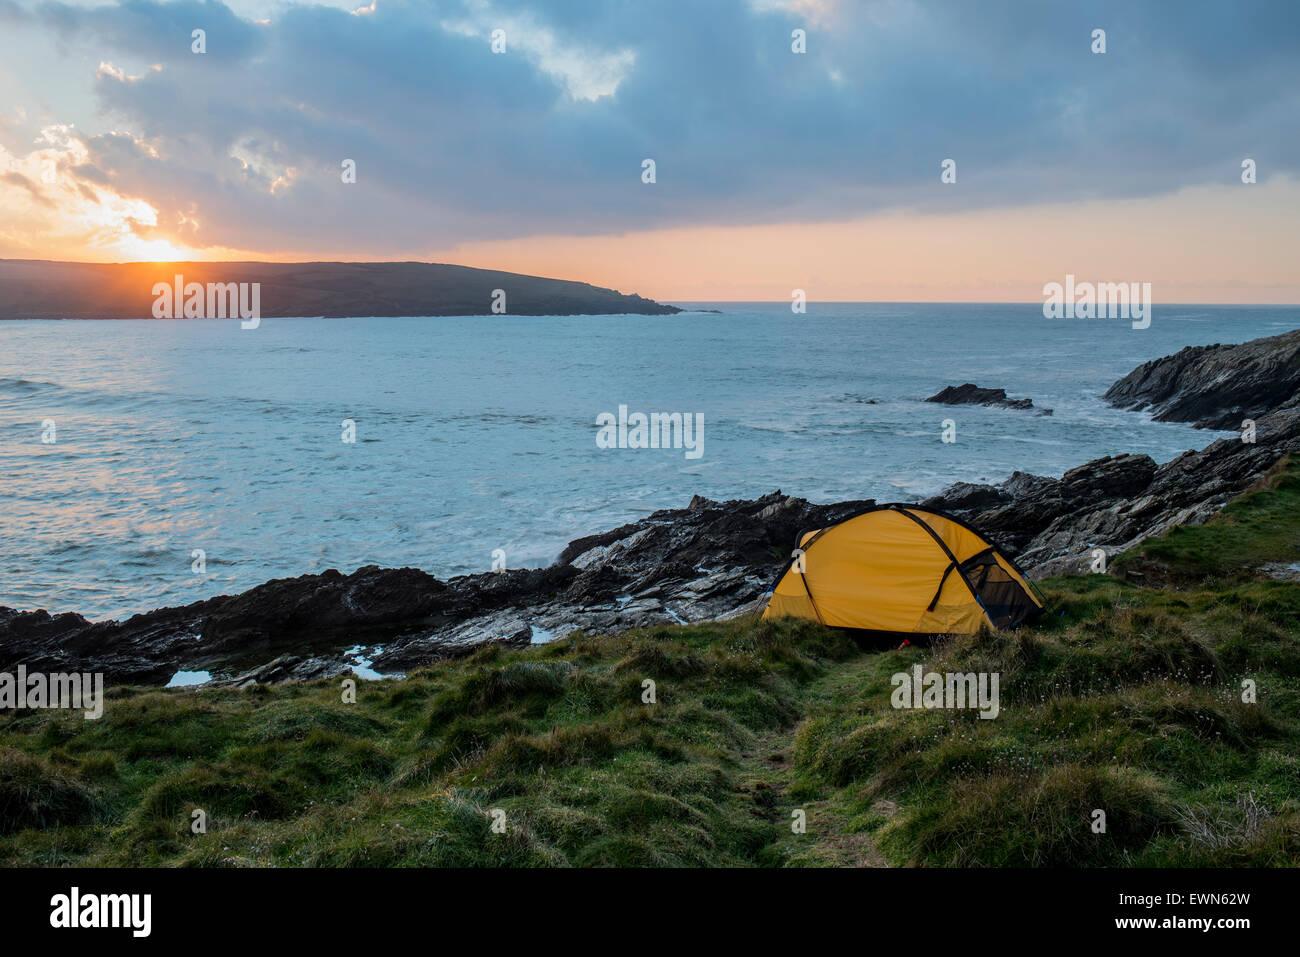 Camping salvaje por el mar al atardecer en Cornualles, Reino Unido Imagen De Stock